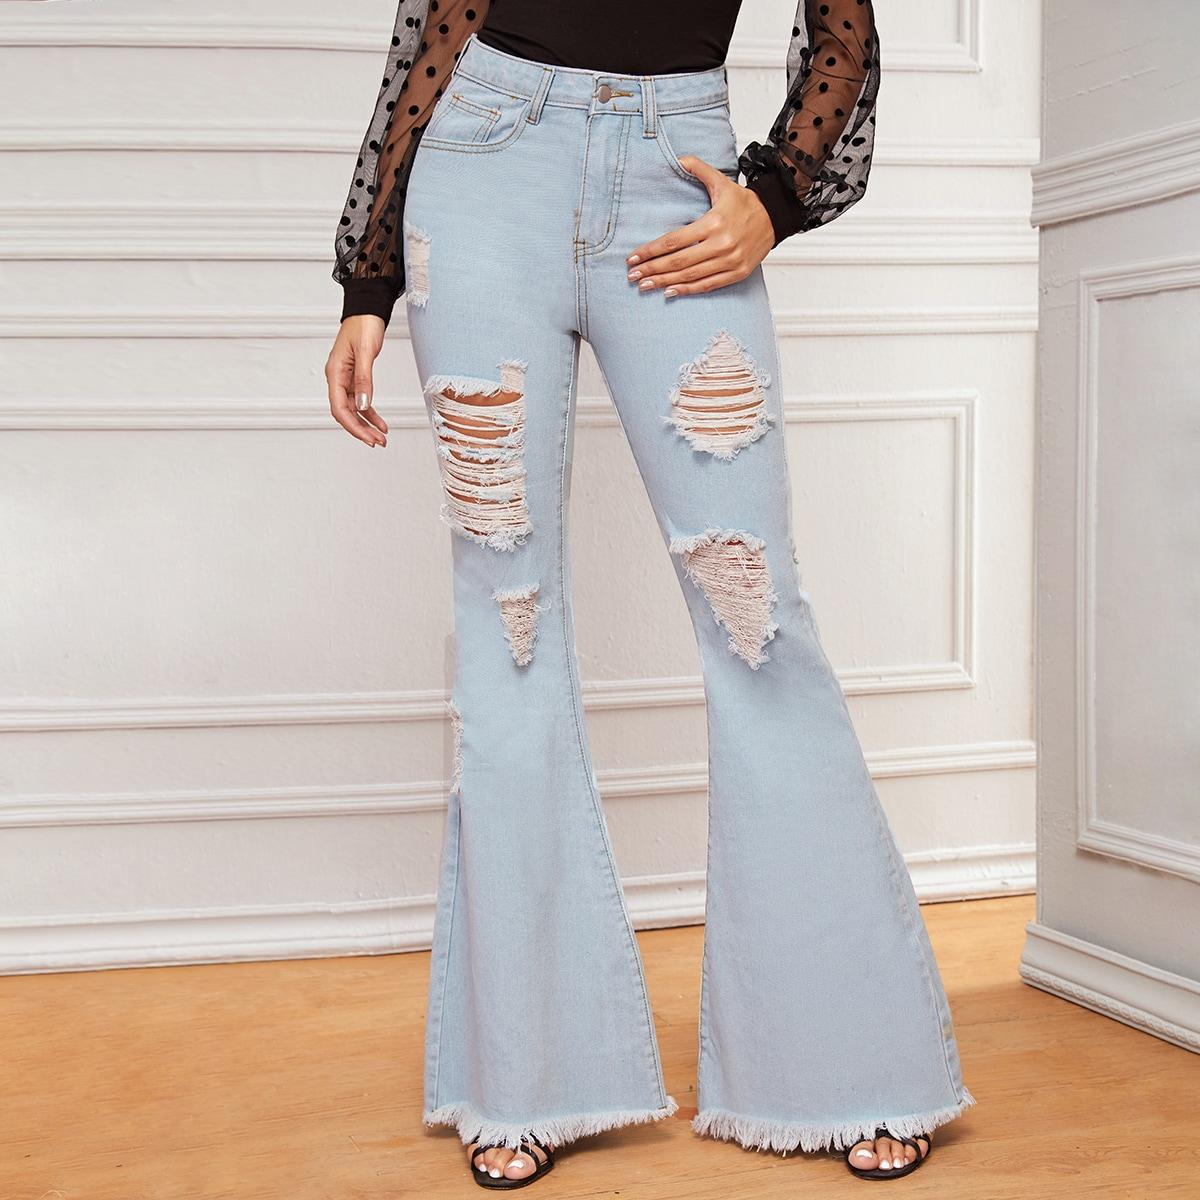 Рваные расклешенные джинсы с необработанным низом